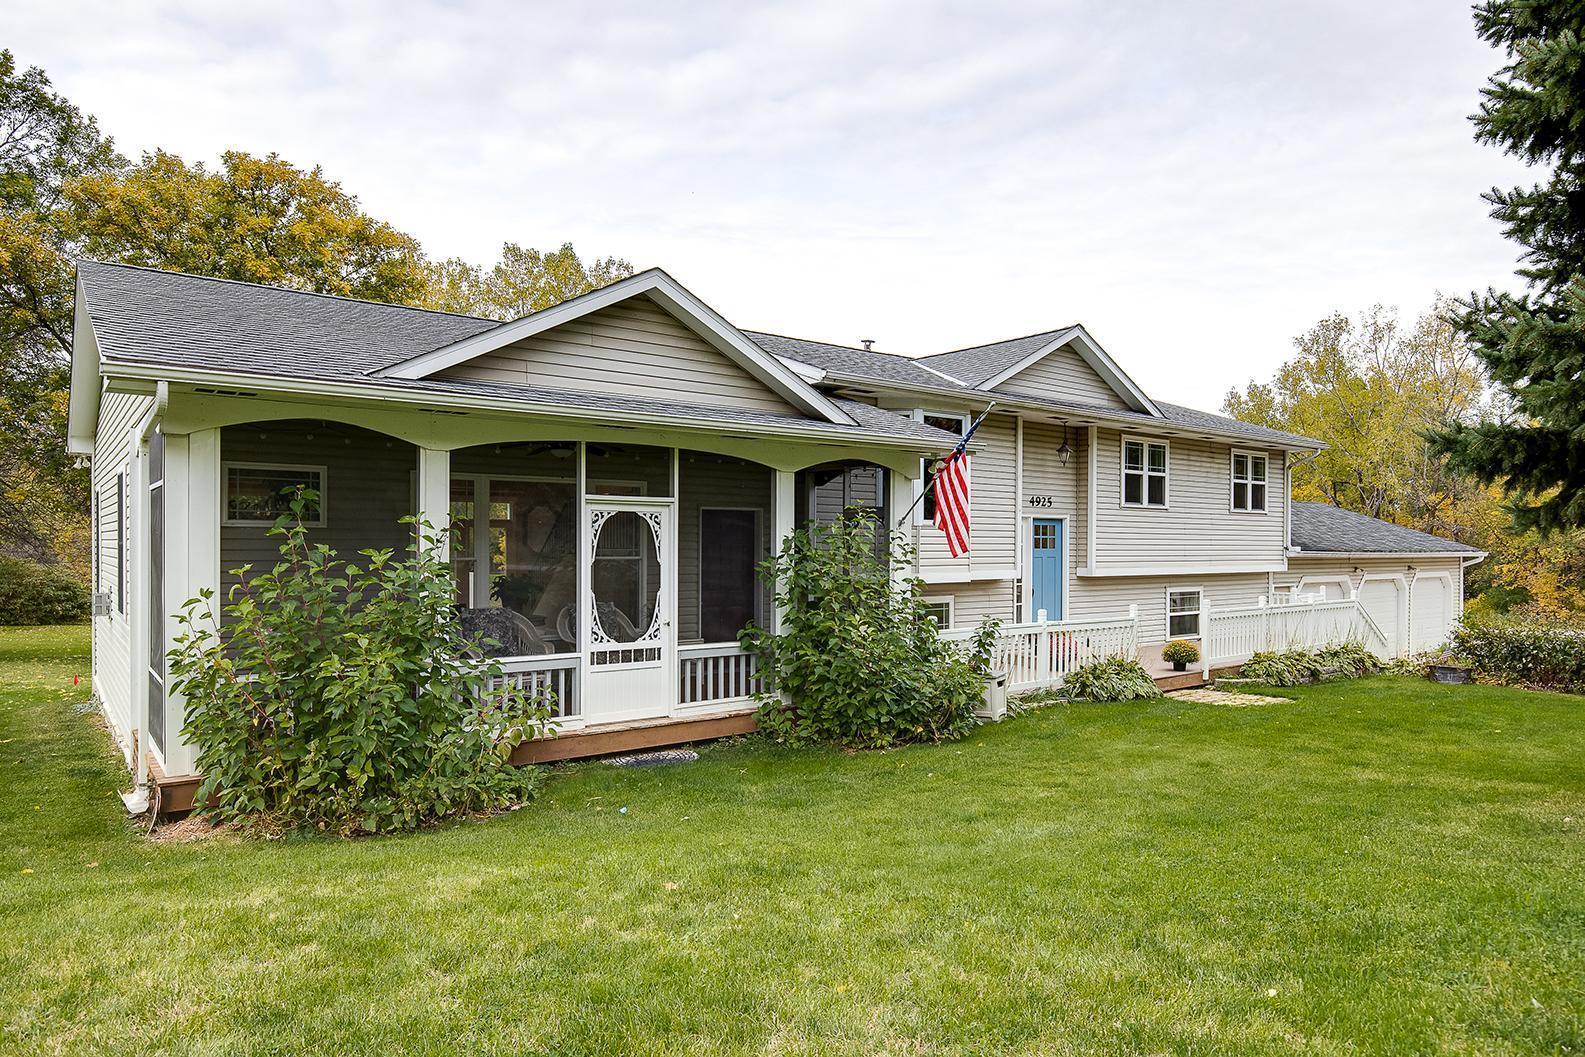 4925 70th Avenue Property Photo - Loretto, MN real estate listing